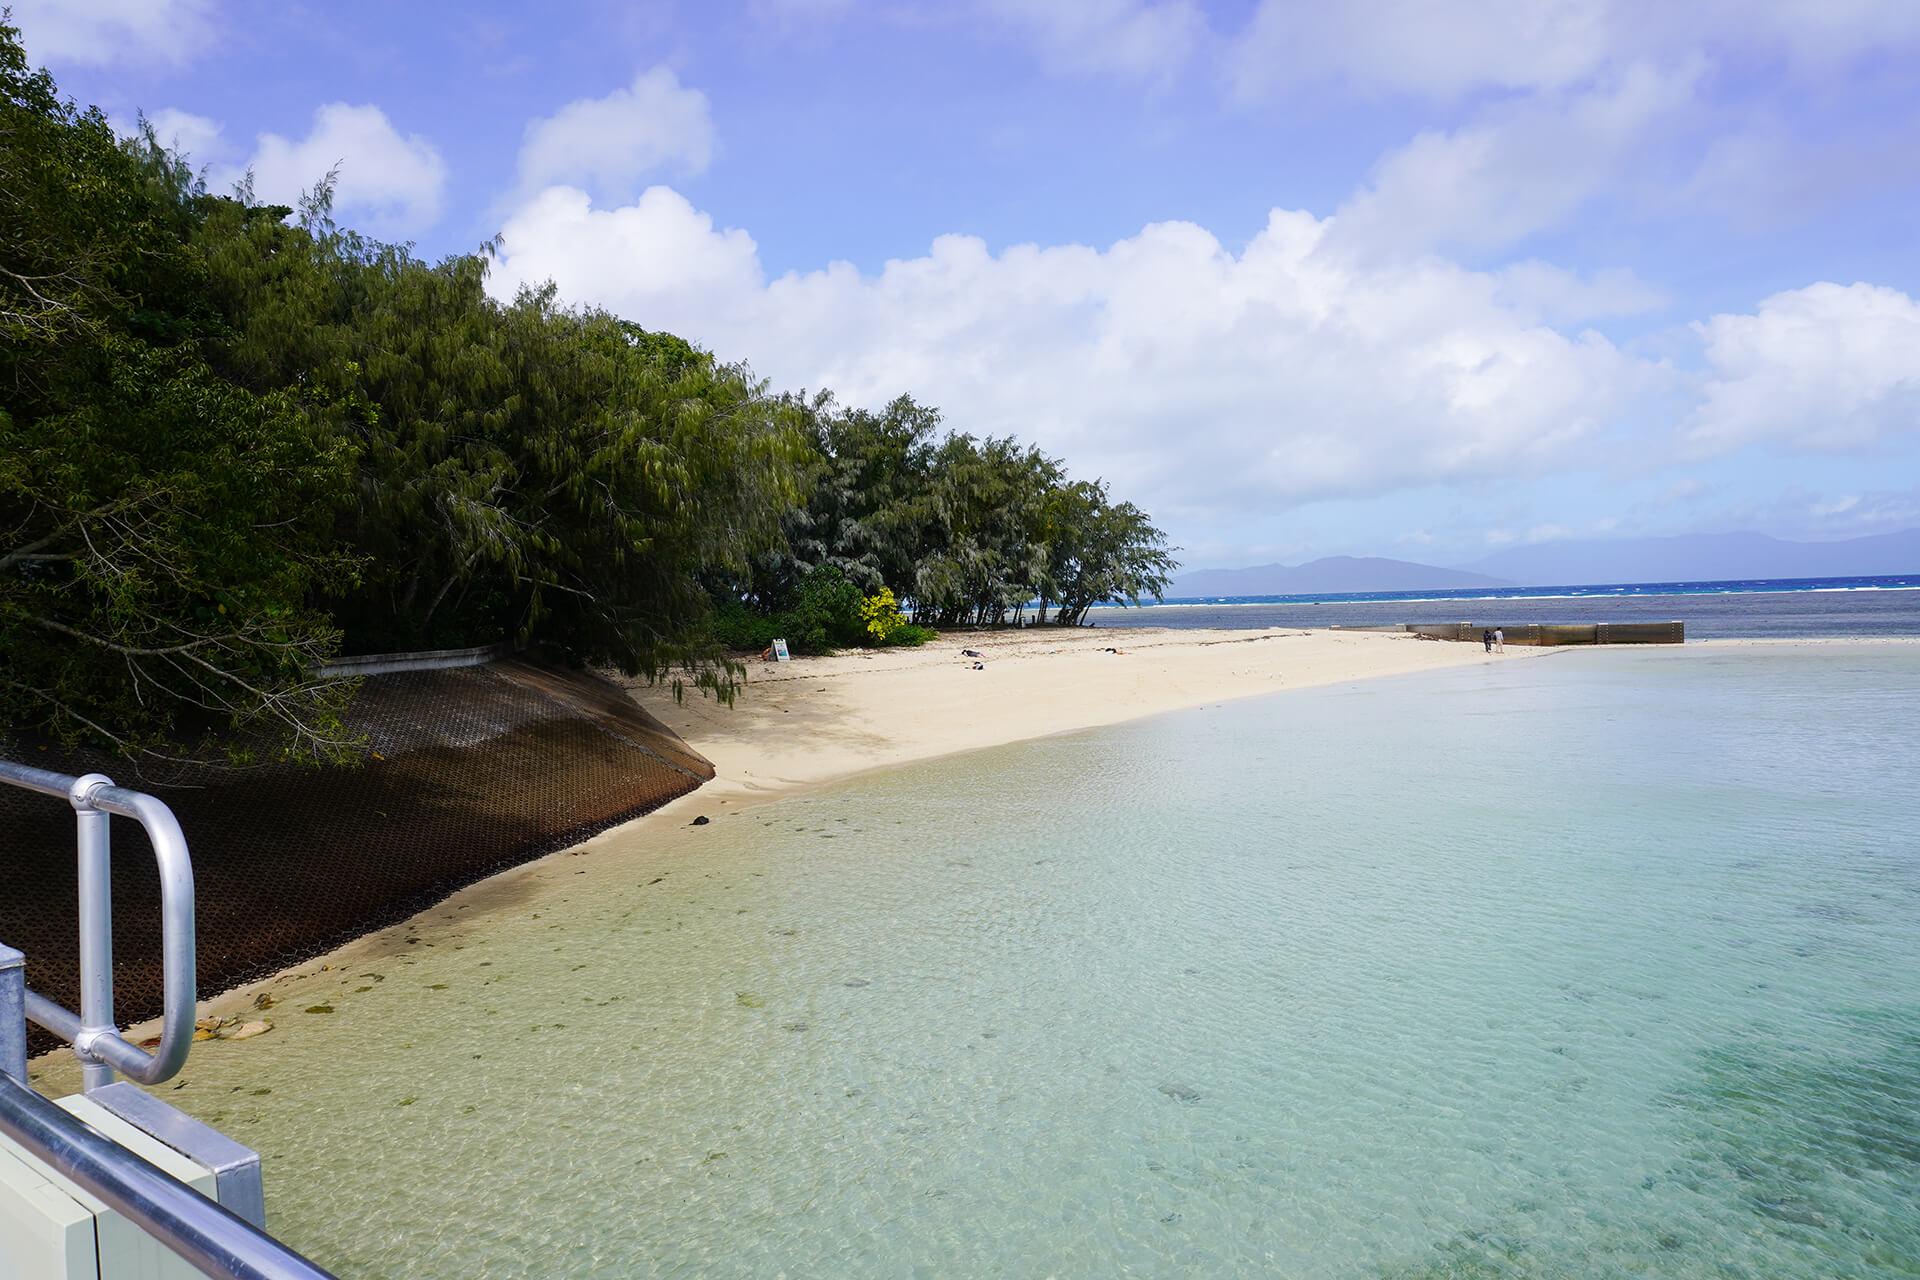 ケアンズ・グリーン島ビーチ